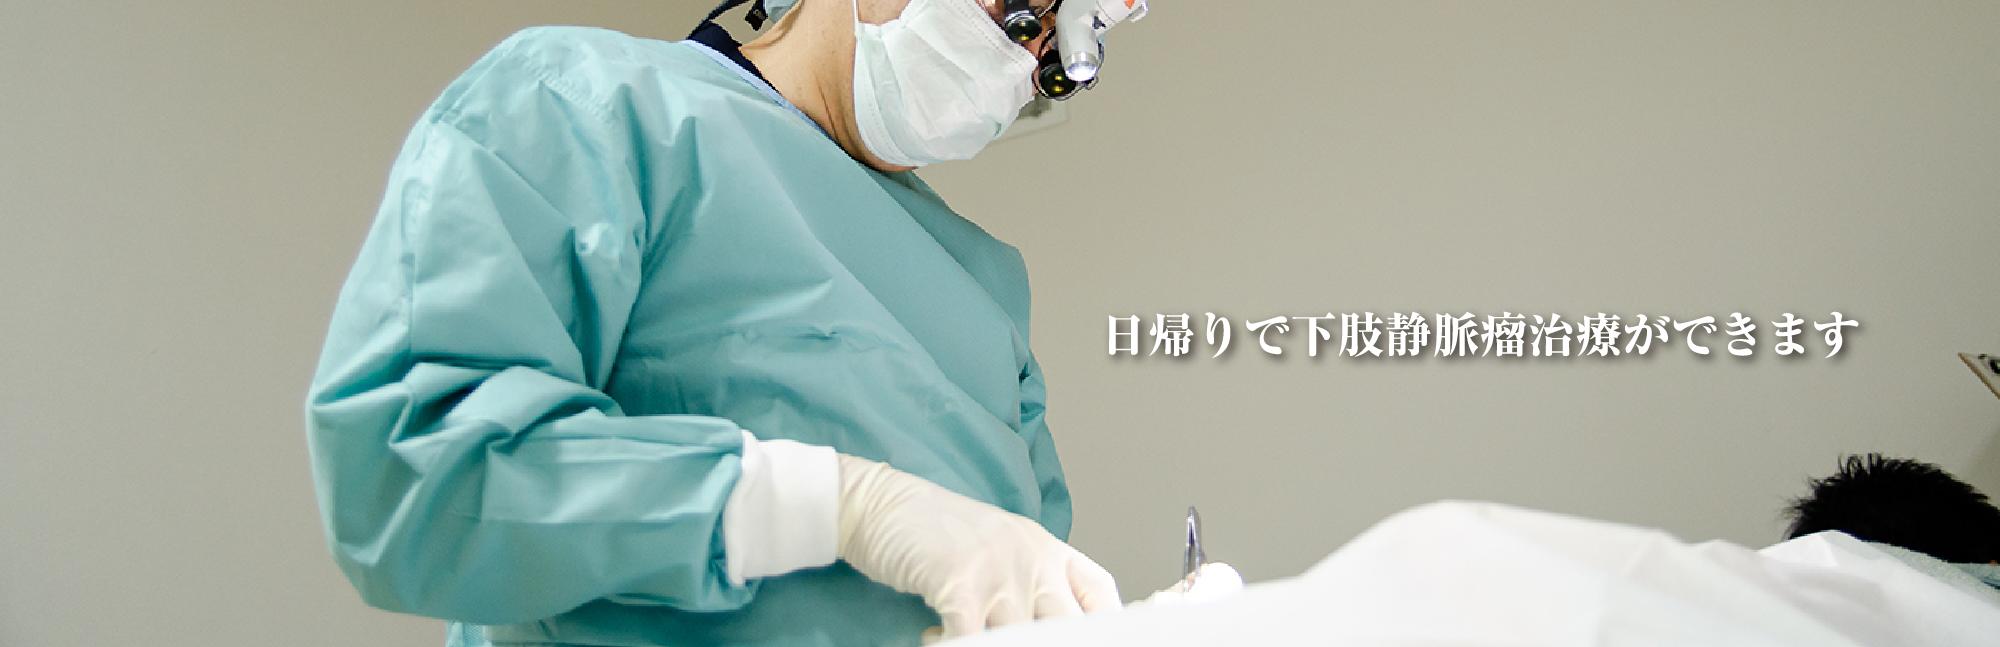 写真:手術室